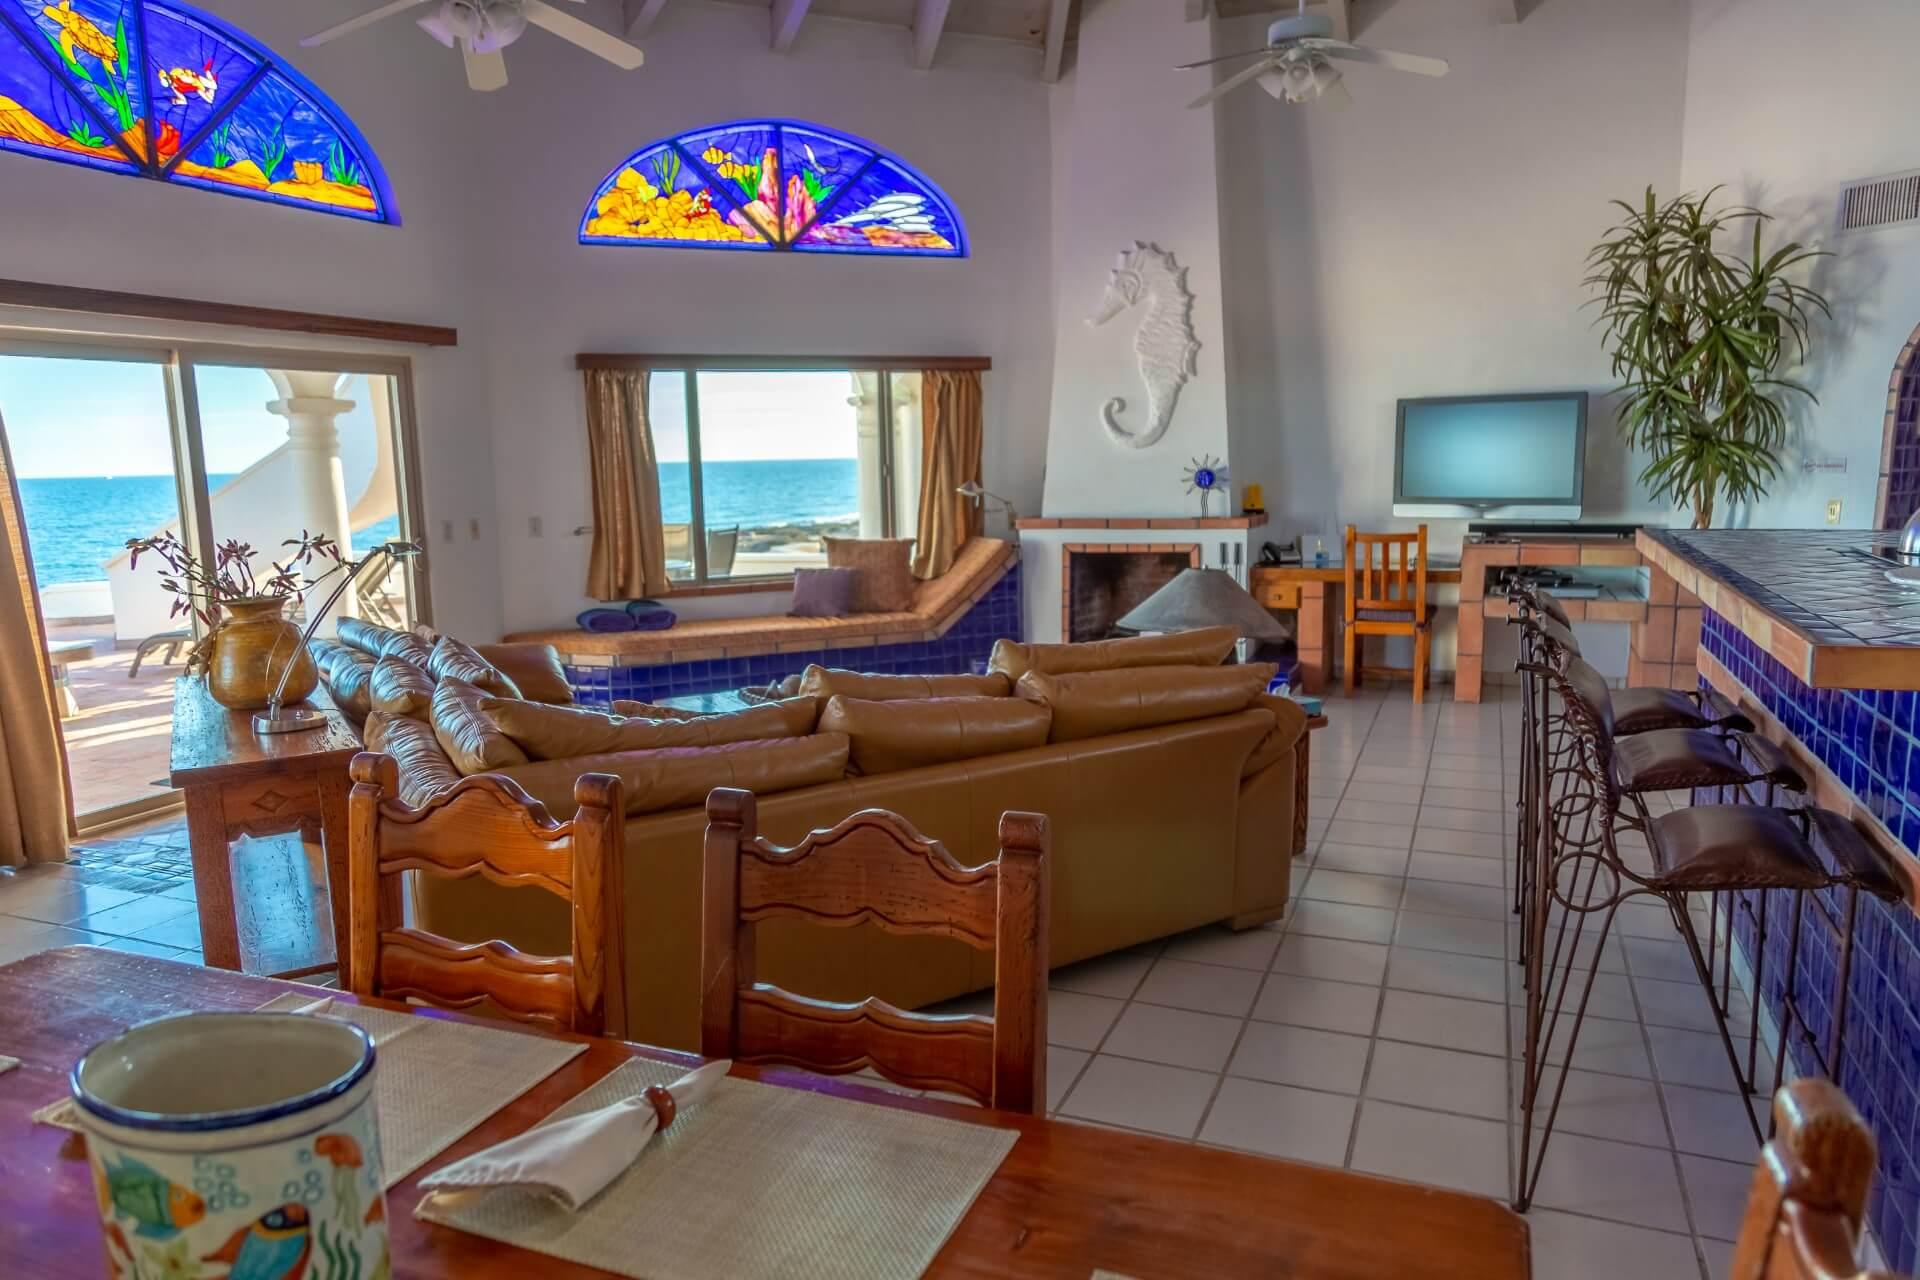 casa sirena living room